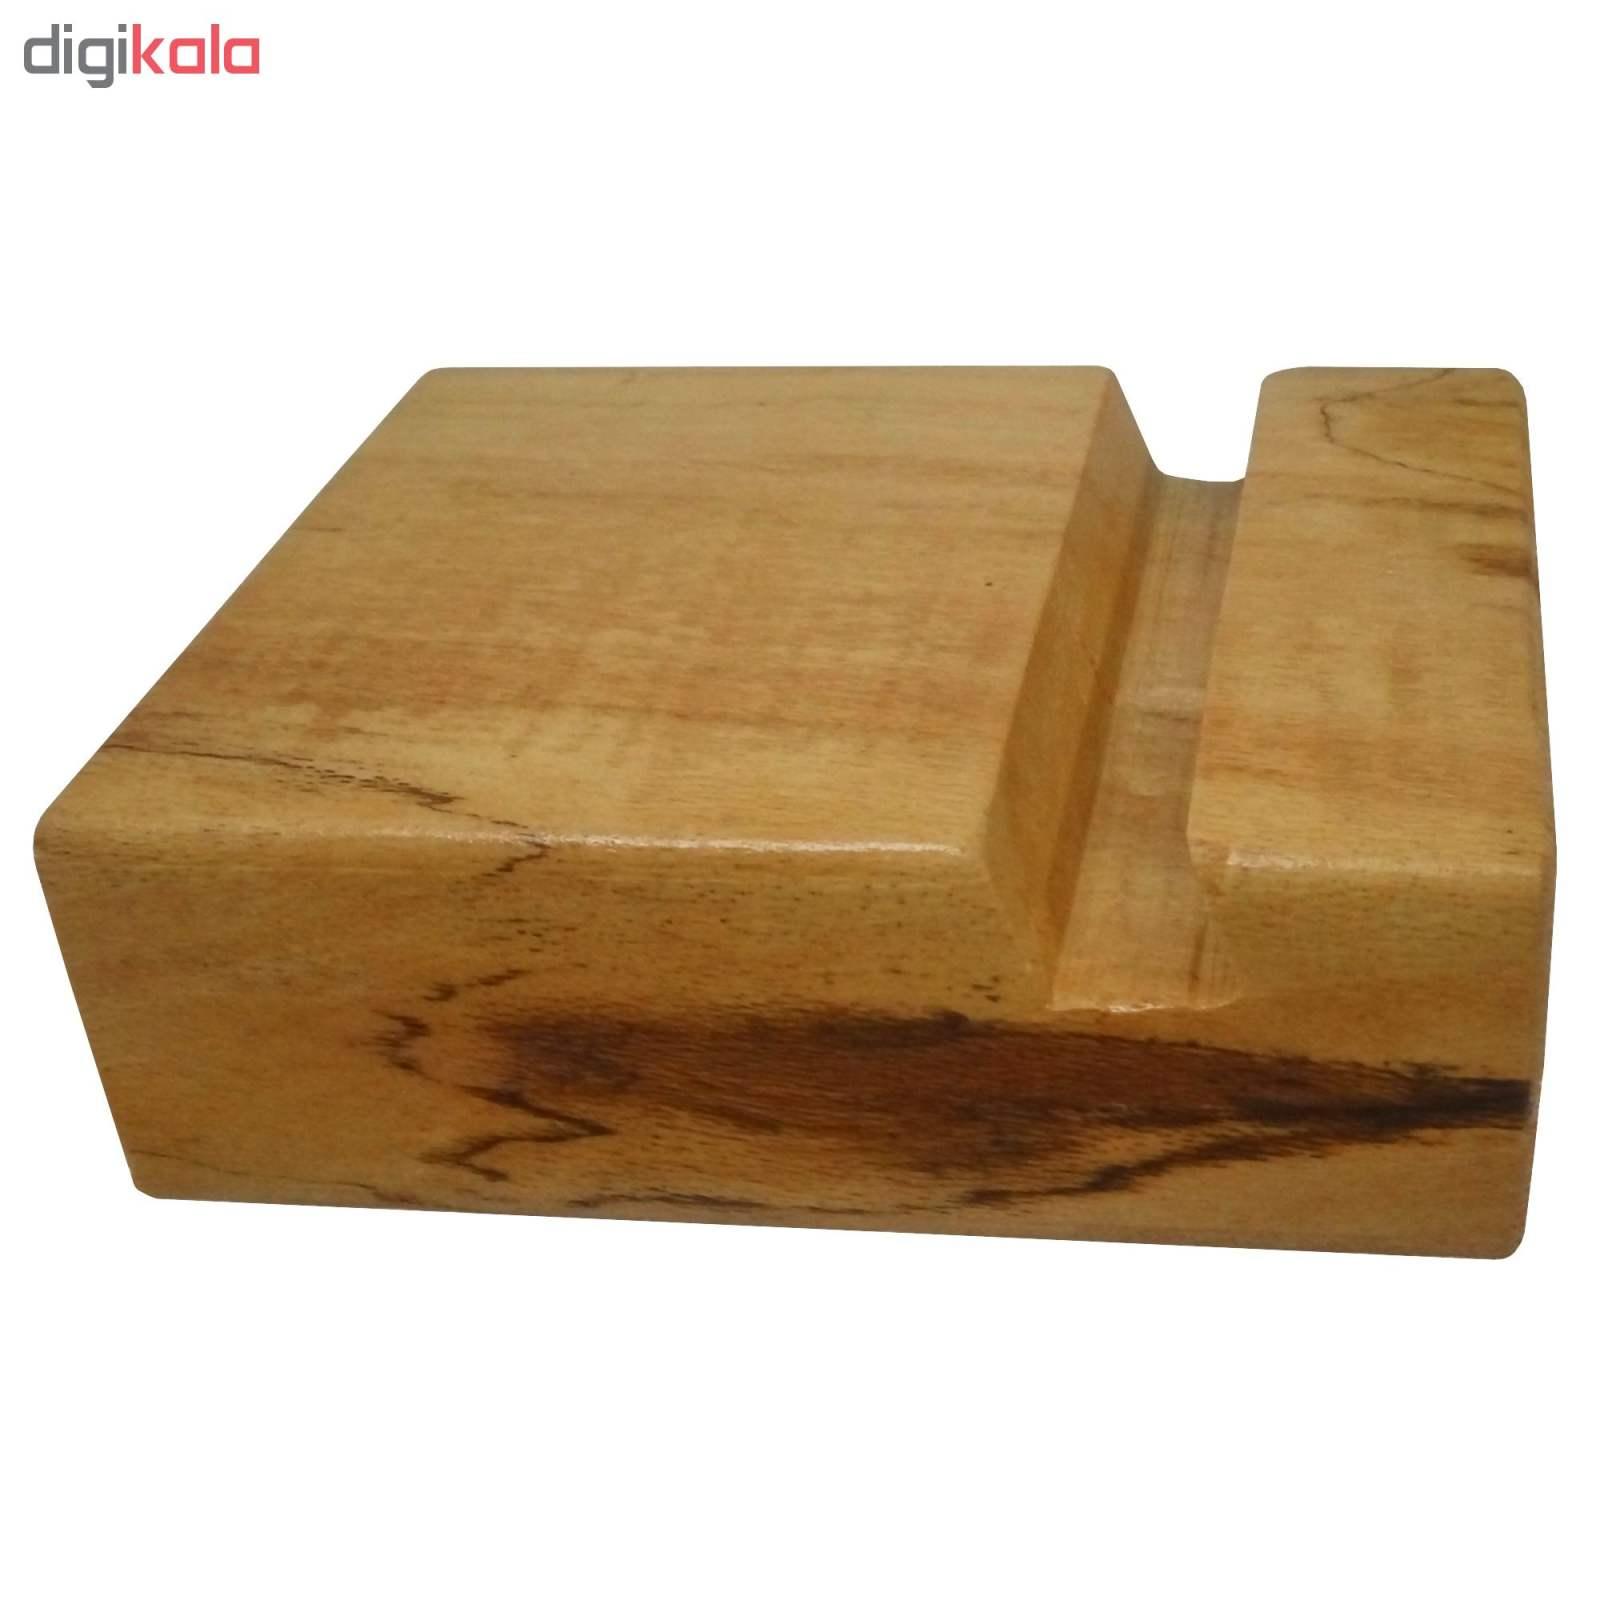 پایه نگهدارنده گوشی موبایل استند تبلت چوبی چوبیس کد 1-351 main 1 6